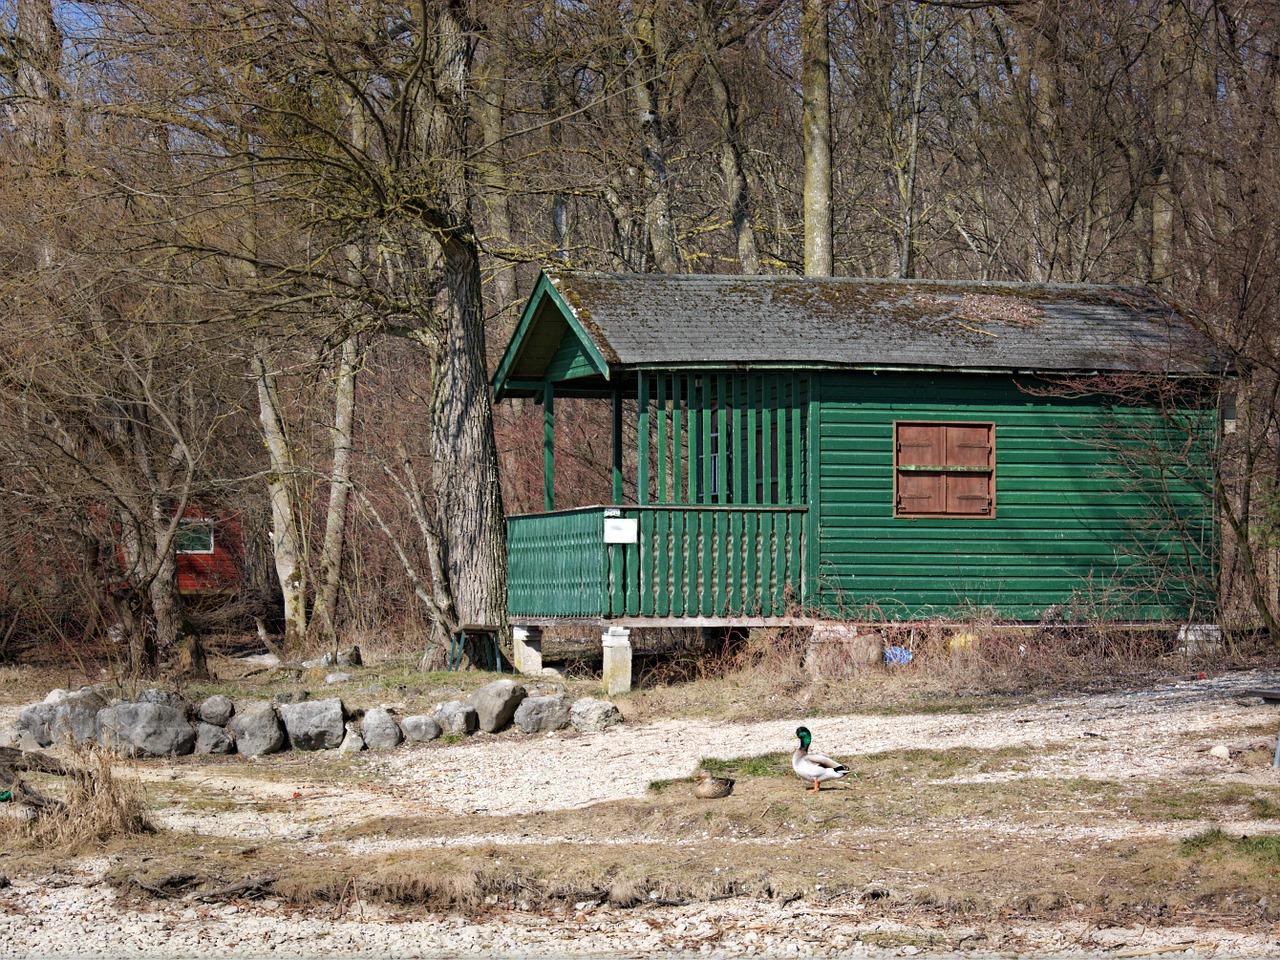 Domek jednorodzinny na wakacje.  Tanie domy drewniane jednorodzinne Warszawa